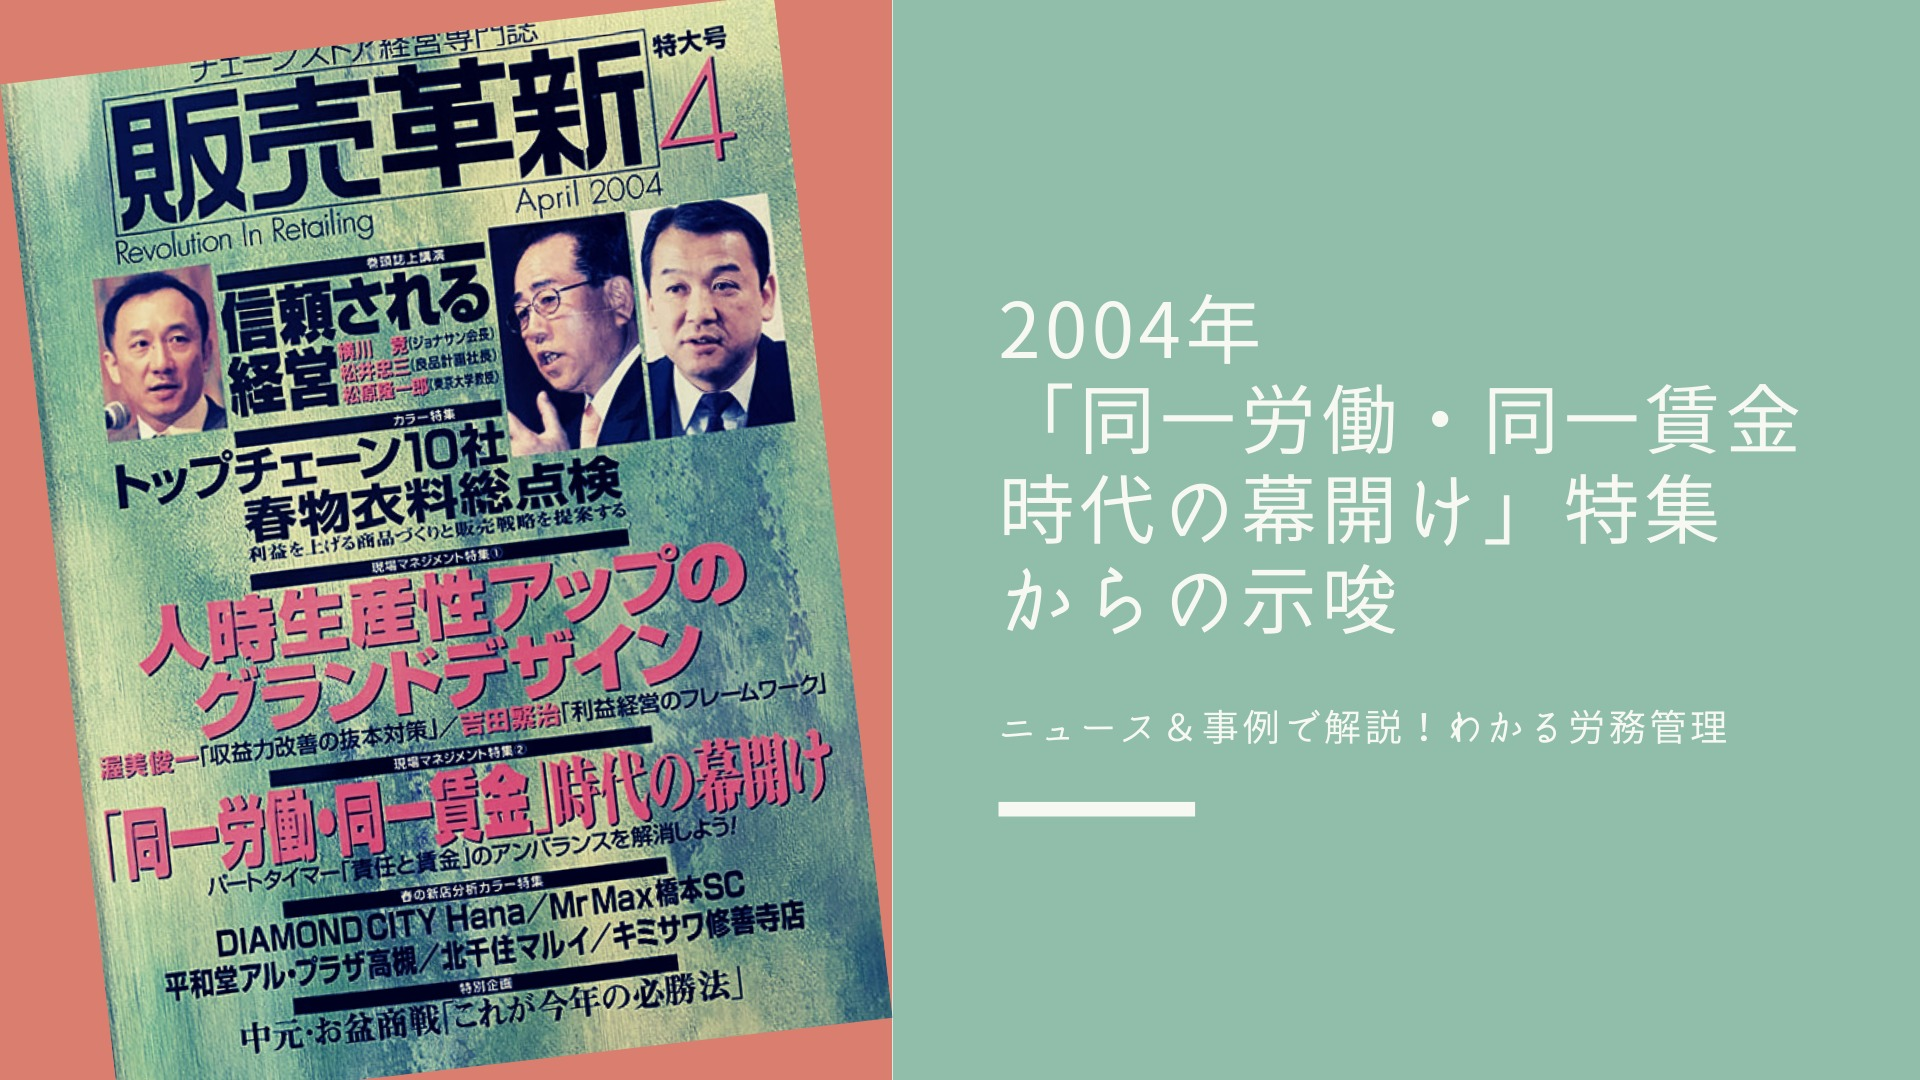 2004年の「同一労働・同一賃金時代の幕開け」特集からの示唆